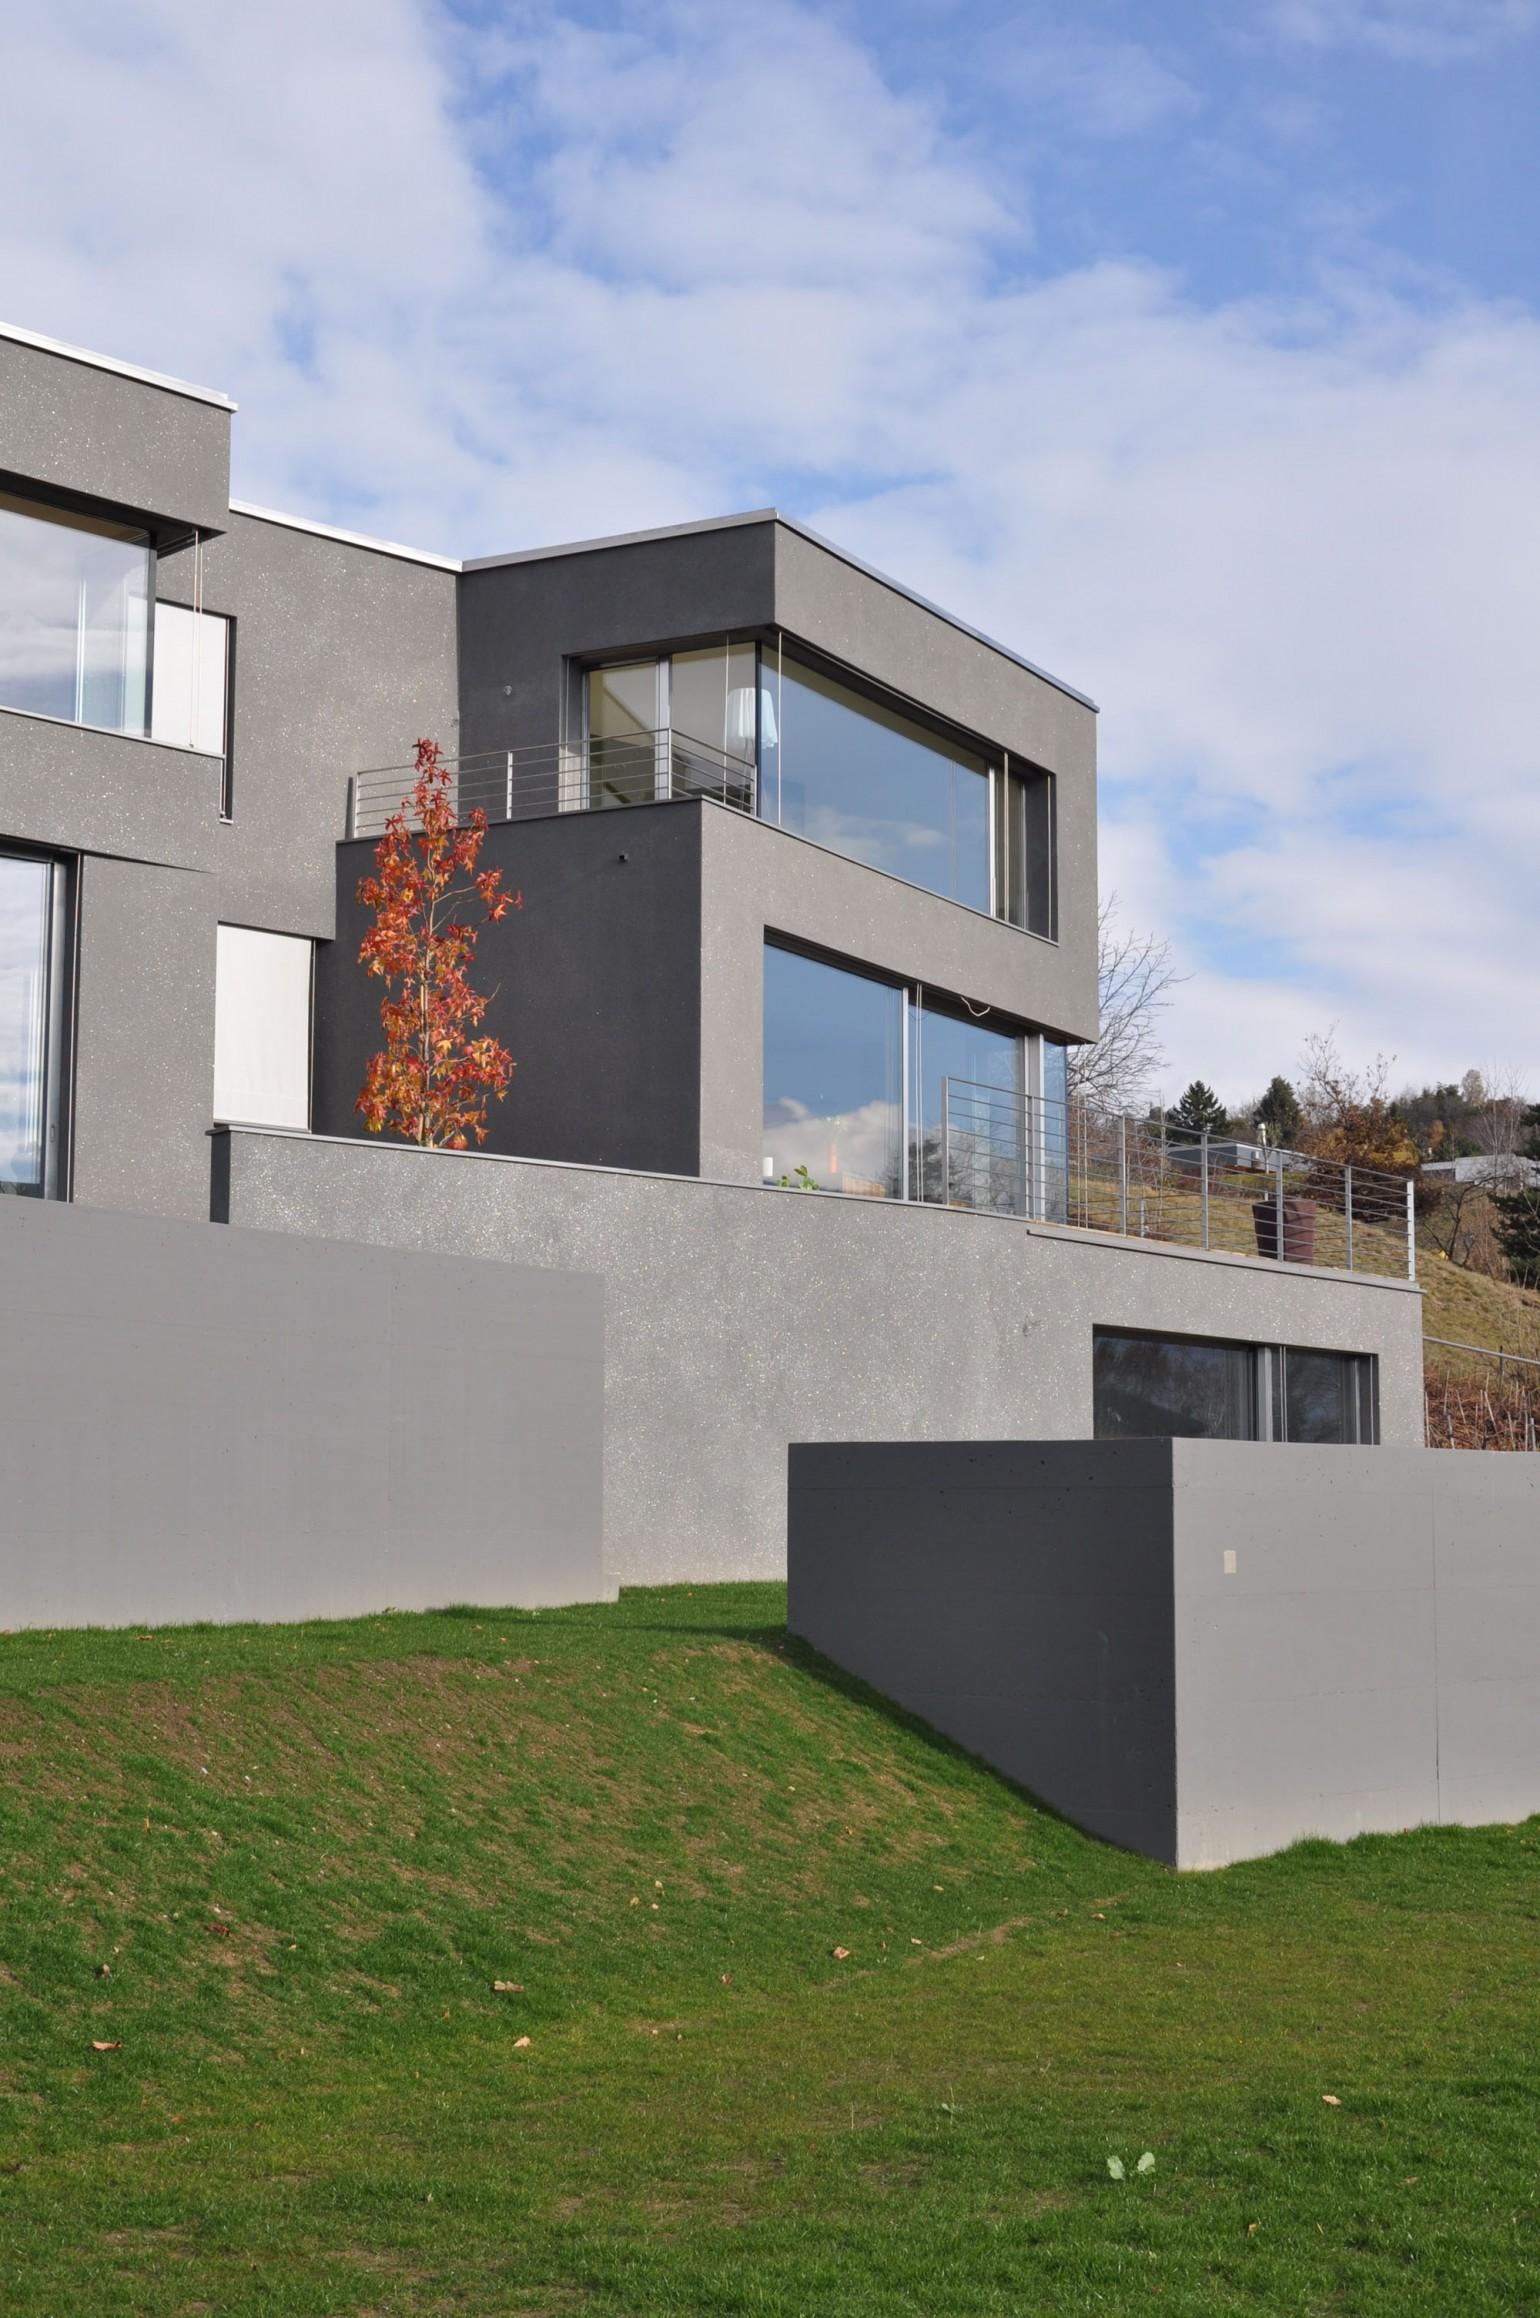 maison-revaz-grimisuat-meyer-architecture-sion-03